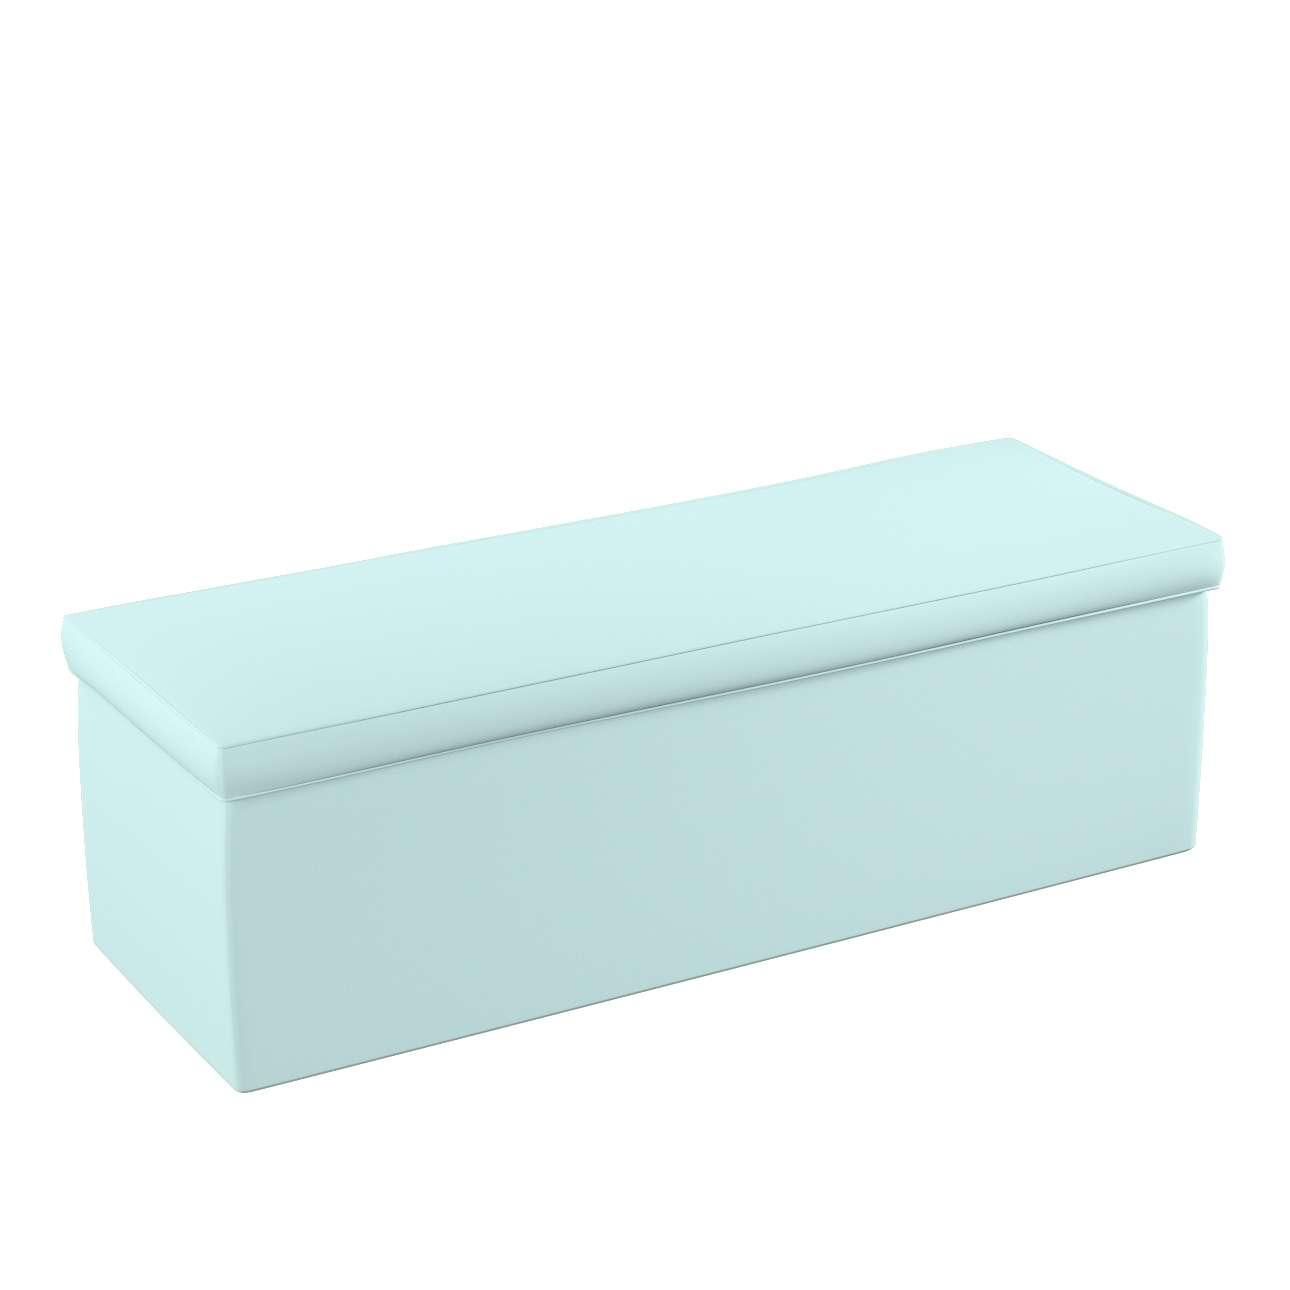 Čalouněná skříň s volbou látky - 2 velikosti v kolekci Cotton Panama, látka: 702-10